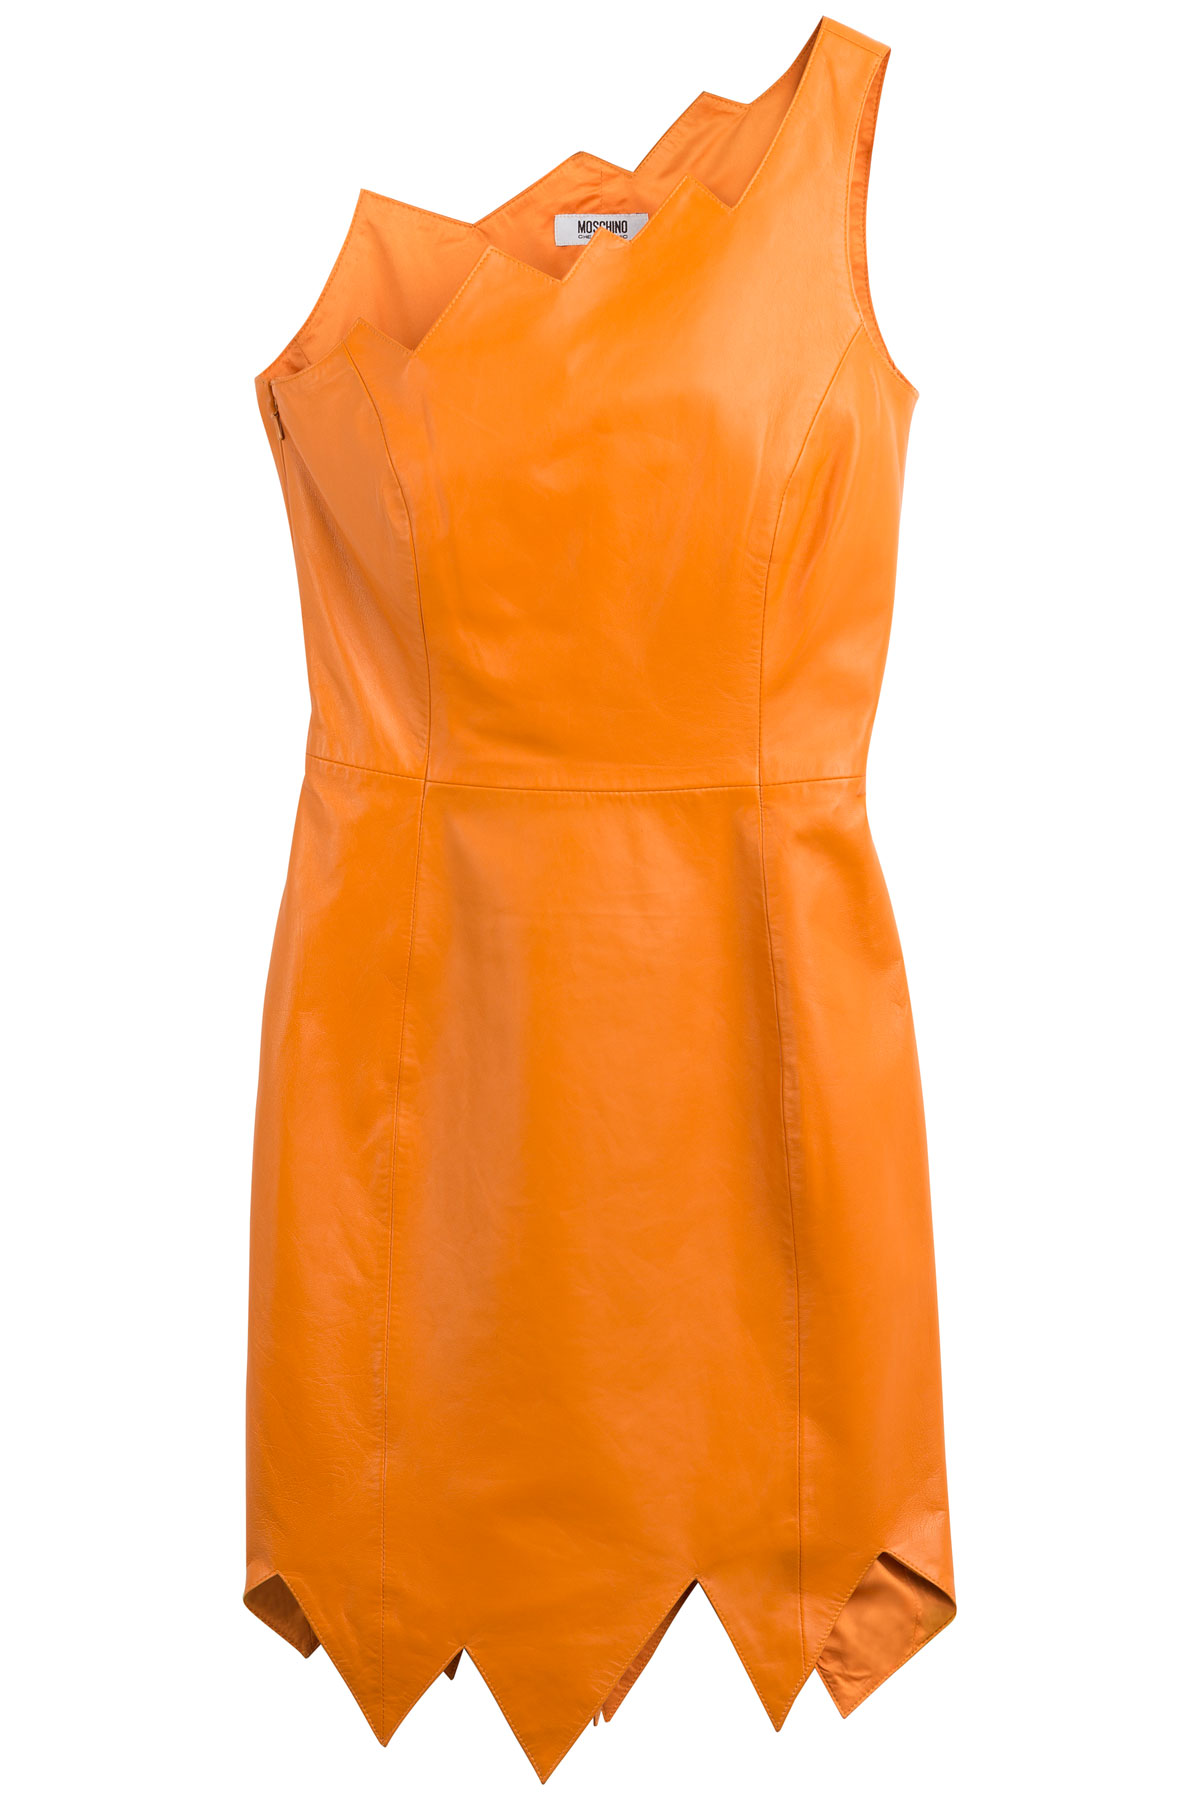 صورة فساتين قصيرة سبور شيك , اروع الفساتين القصيره